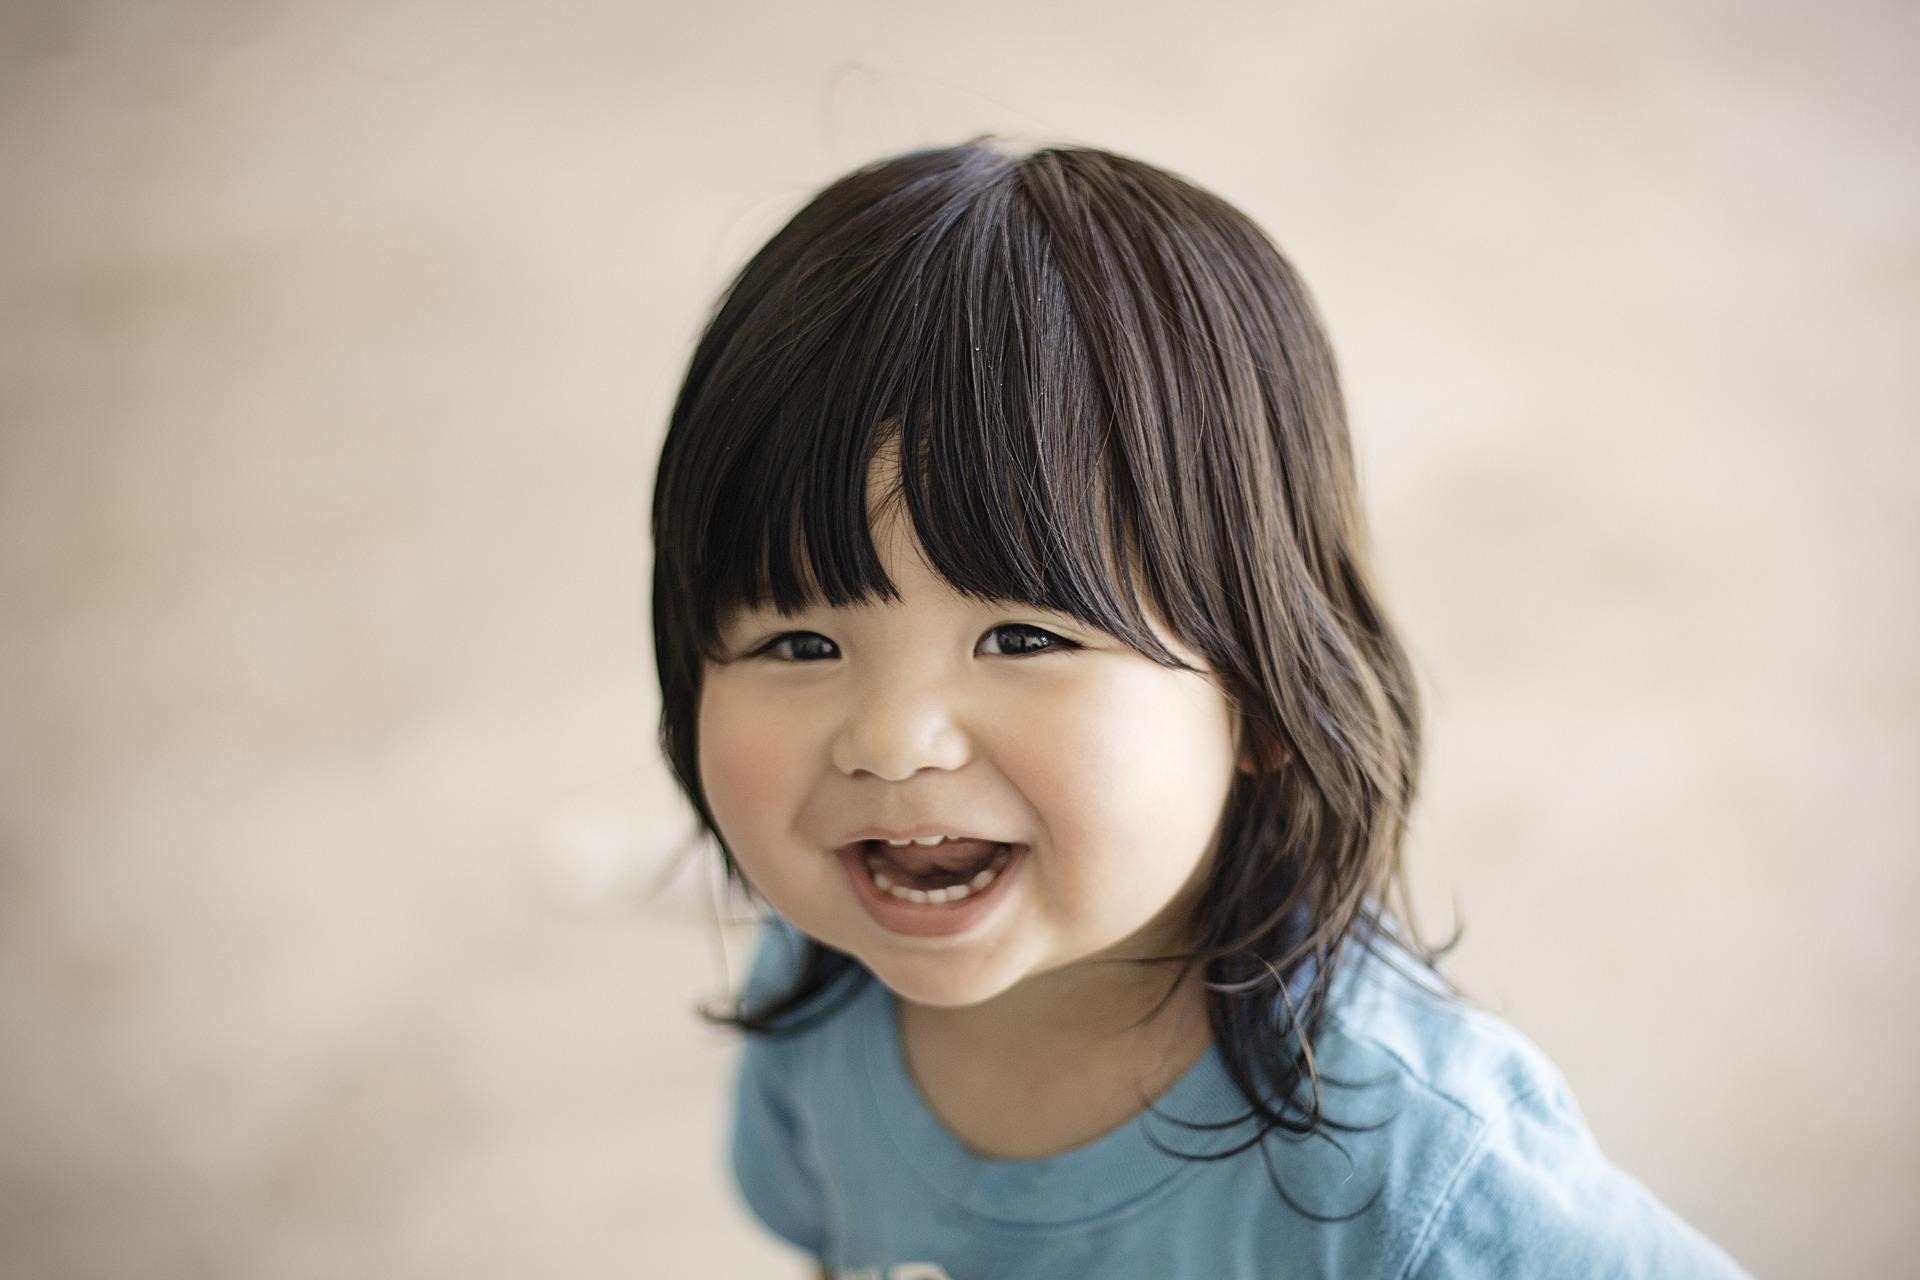 10 Chistes Infantiles para reír en casa - mamas360